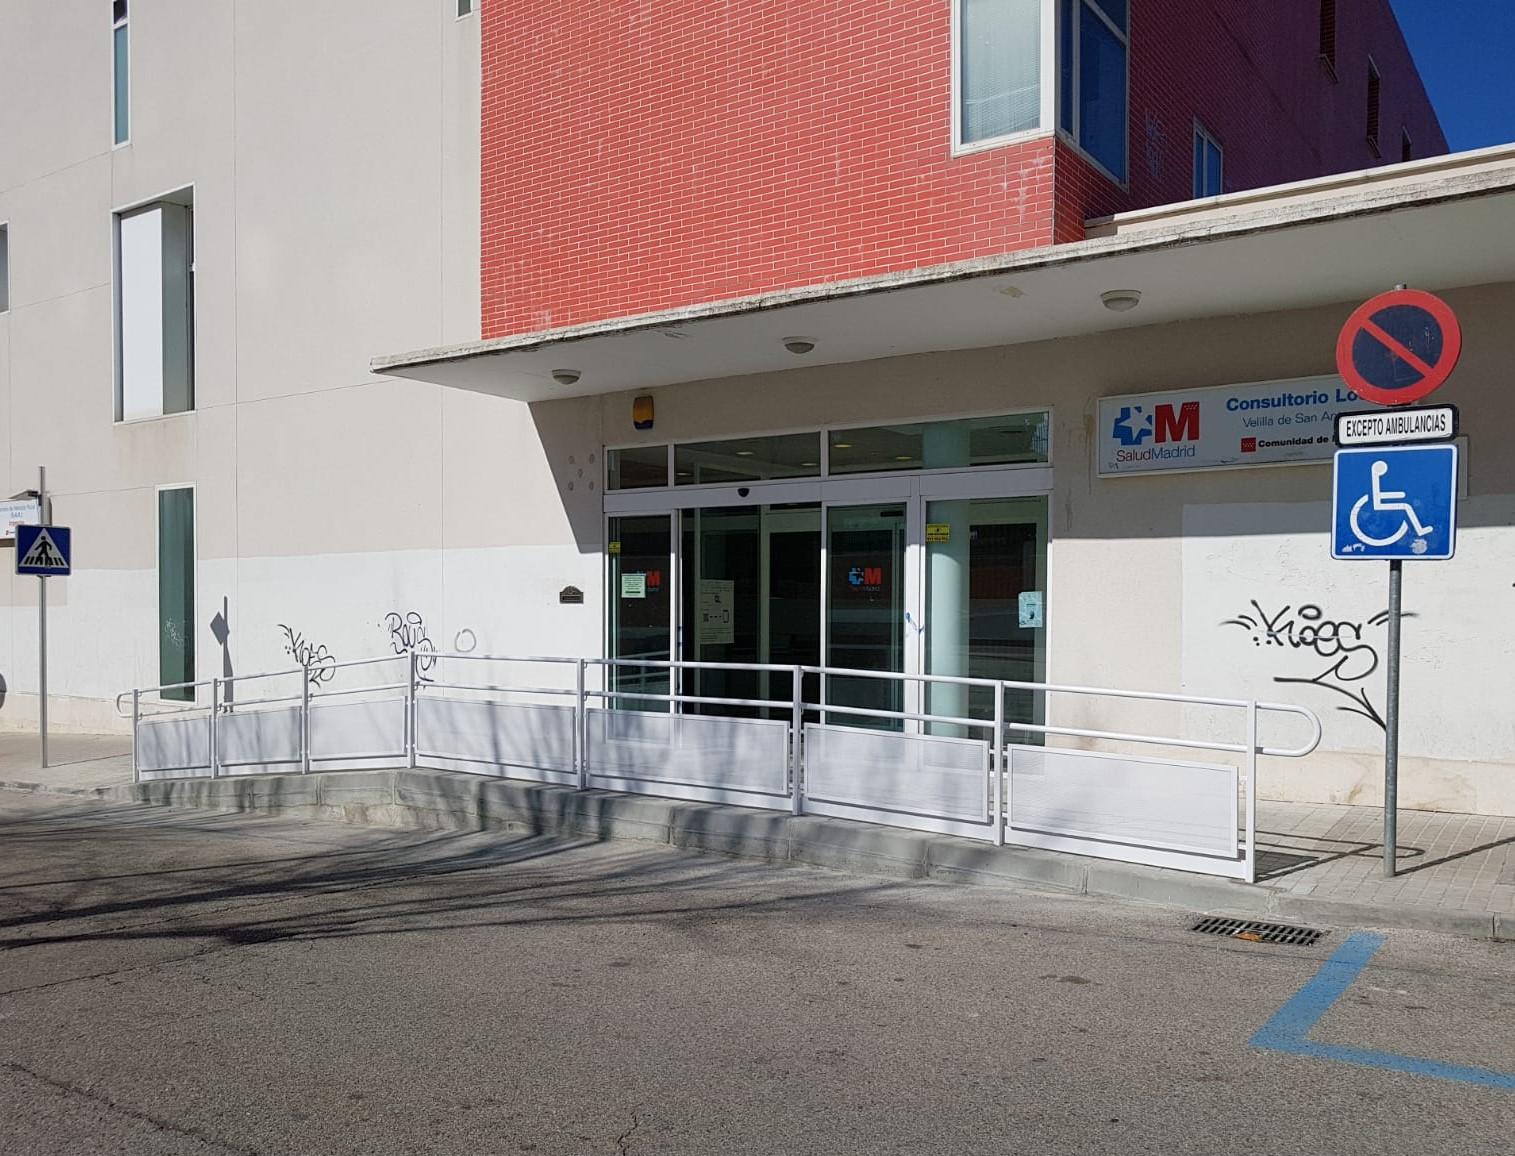 La Comunidad de Madrid acaba de comunicar al Ayuntamiento de Velilla el cese de la atención presencial en el Centro de Salud de Velilla desde mañana